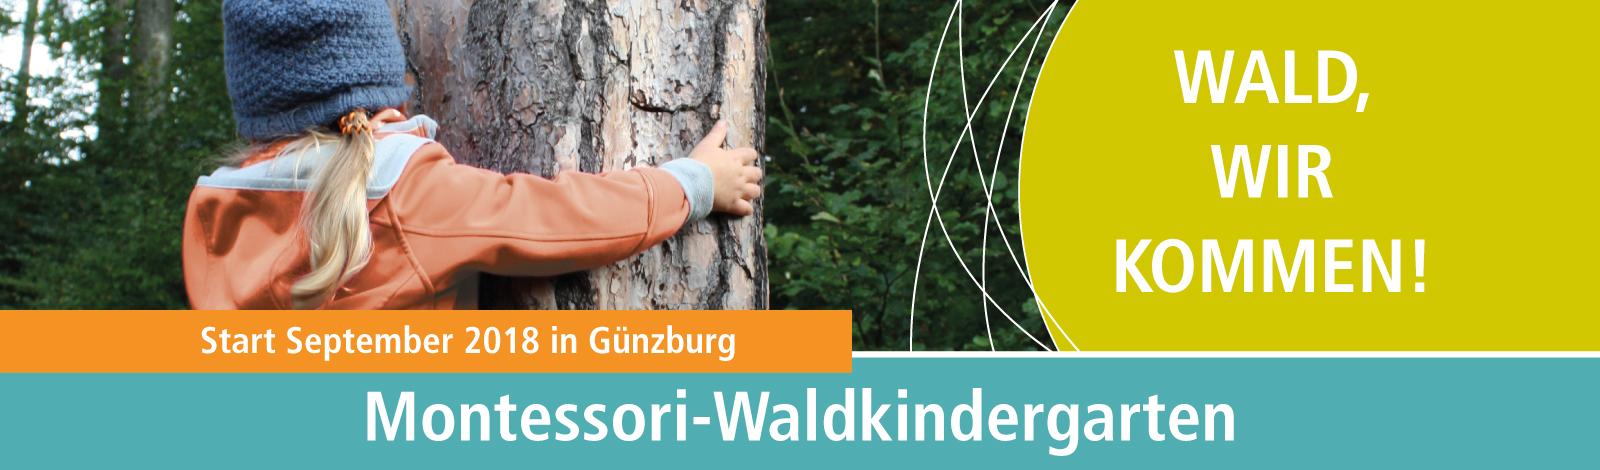 Montessori_Header_Waldkindergarten_2017-11-03